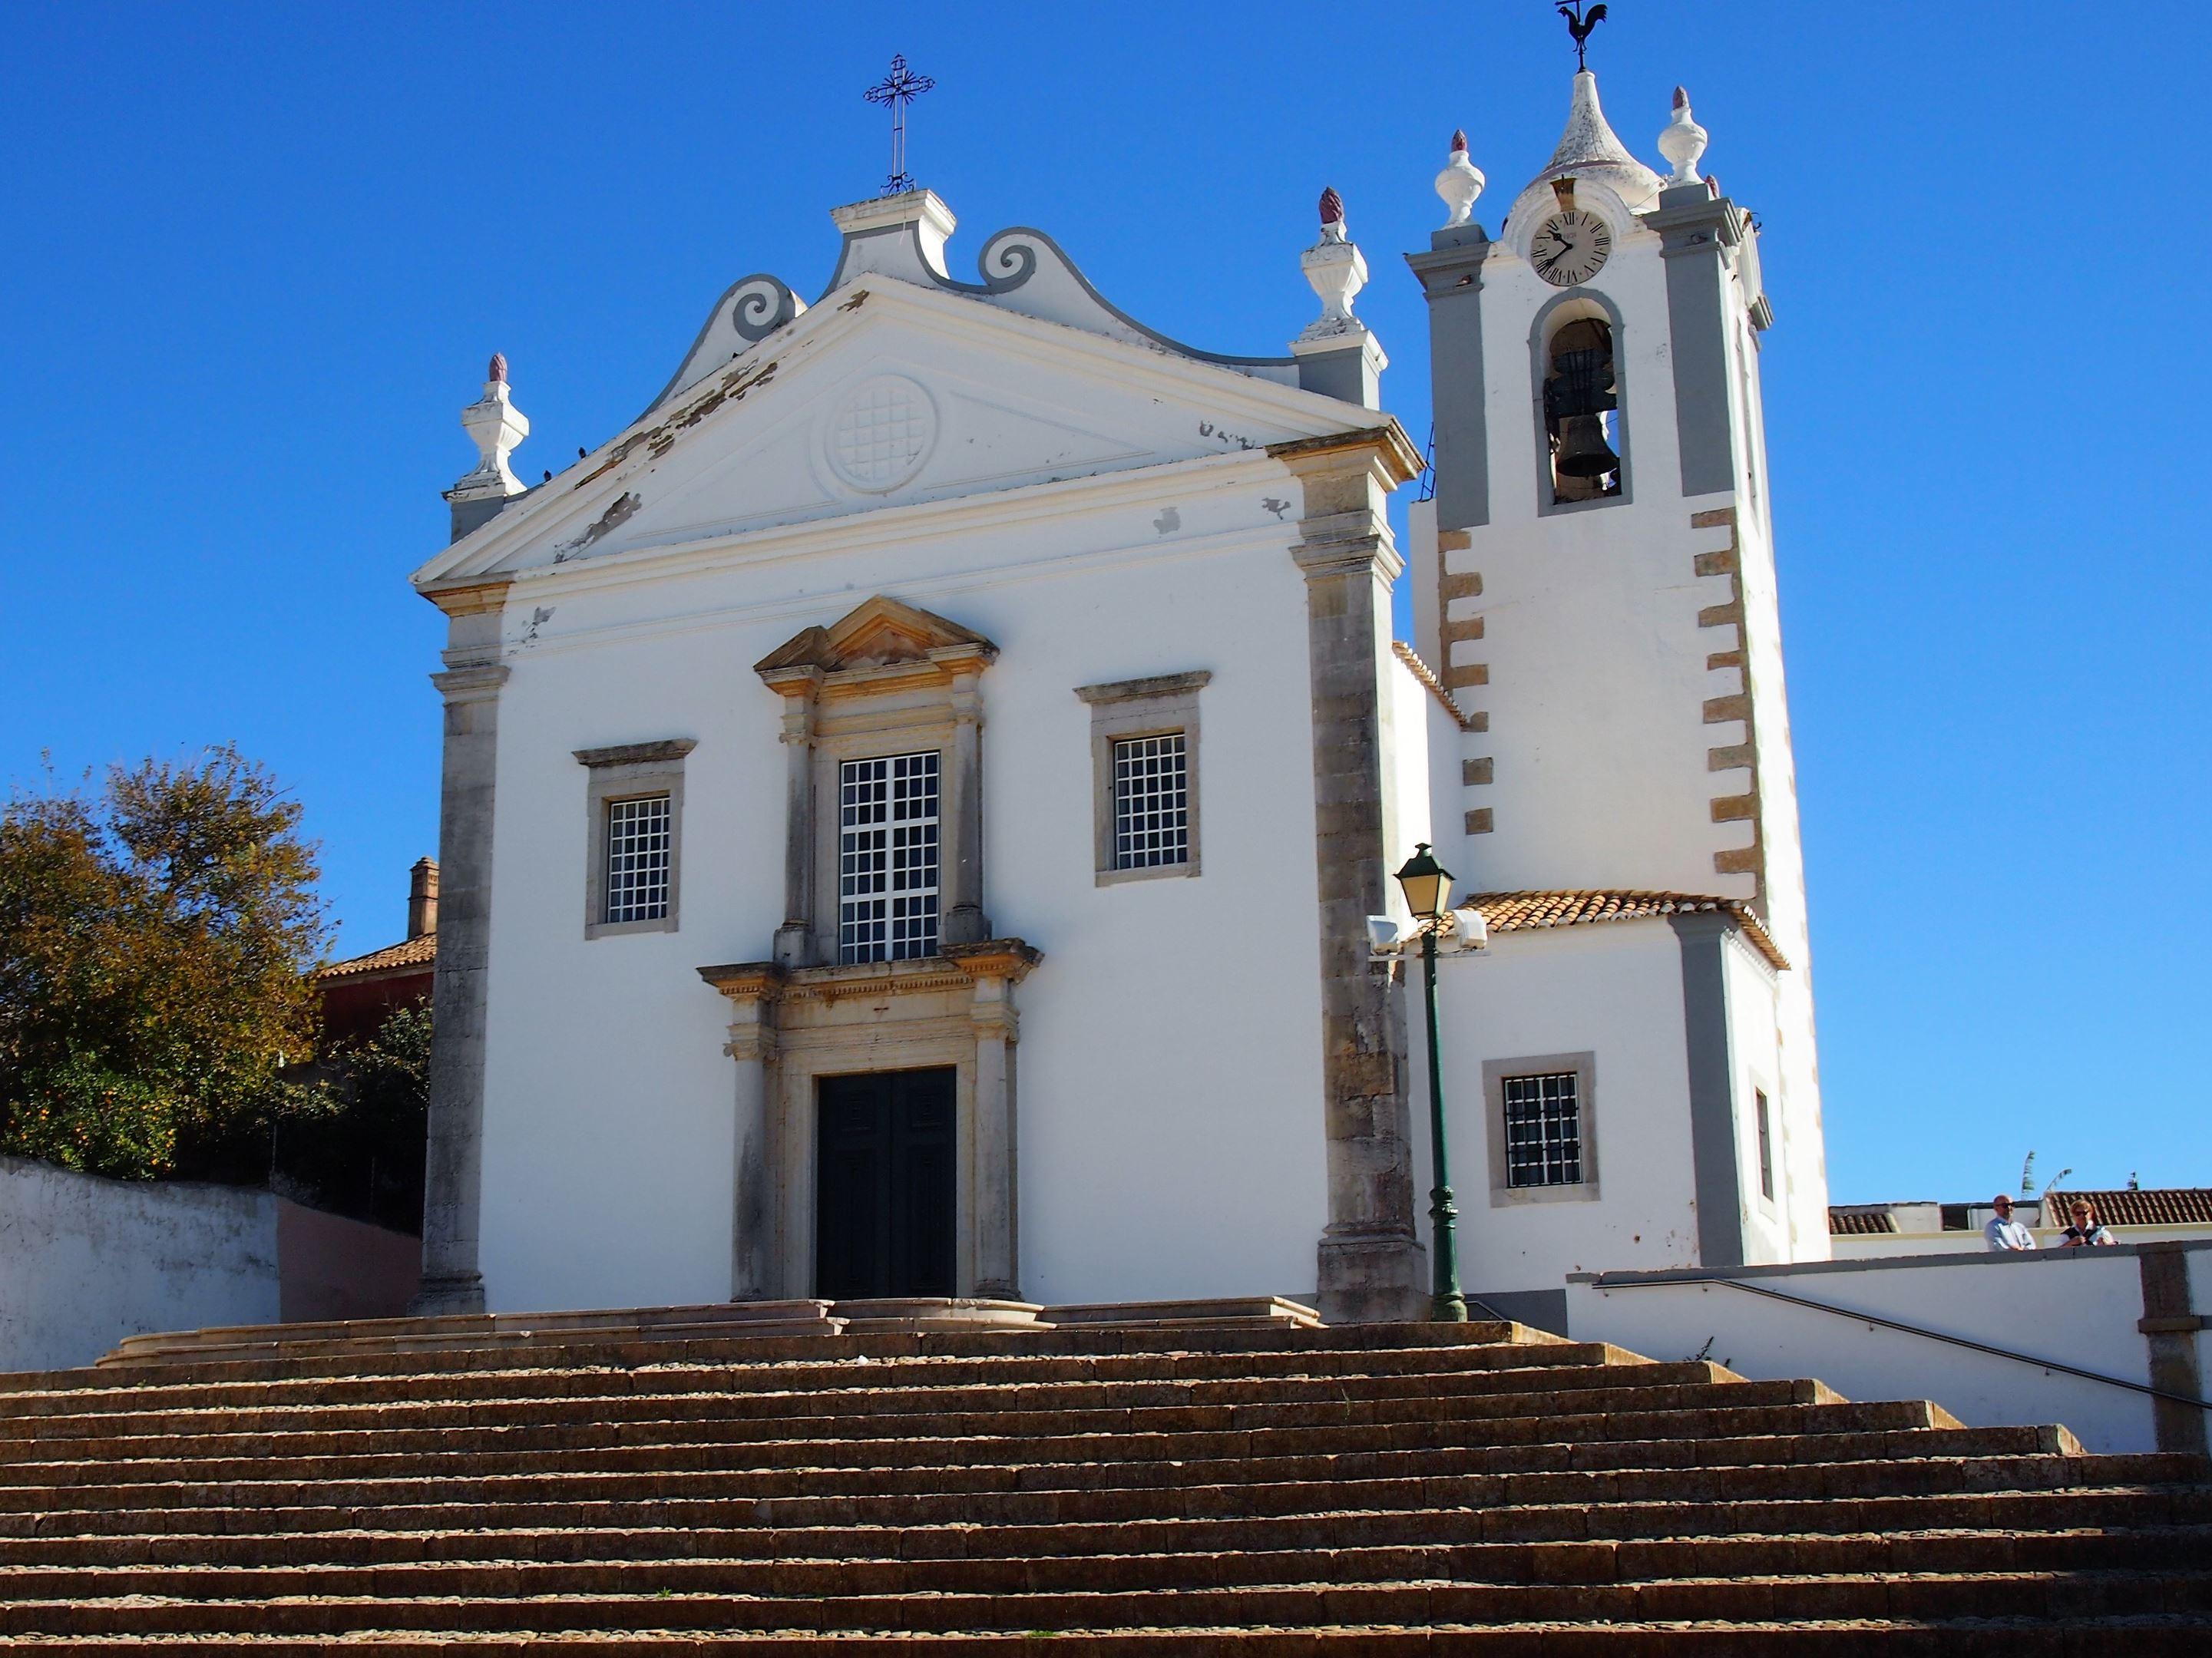 Igreja Matriz de Estoi, l'église principale située dans le centre d'Estoi